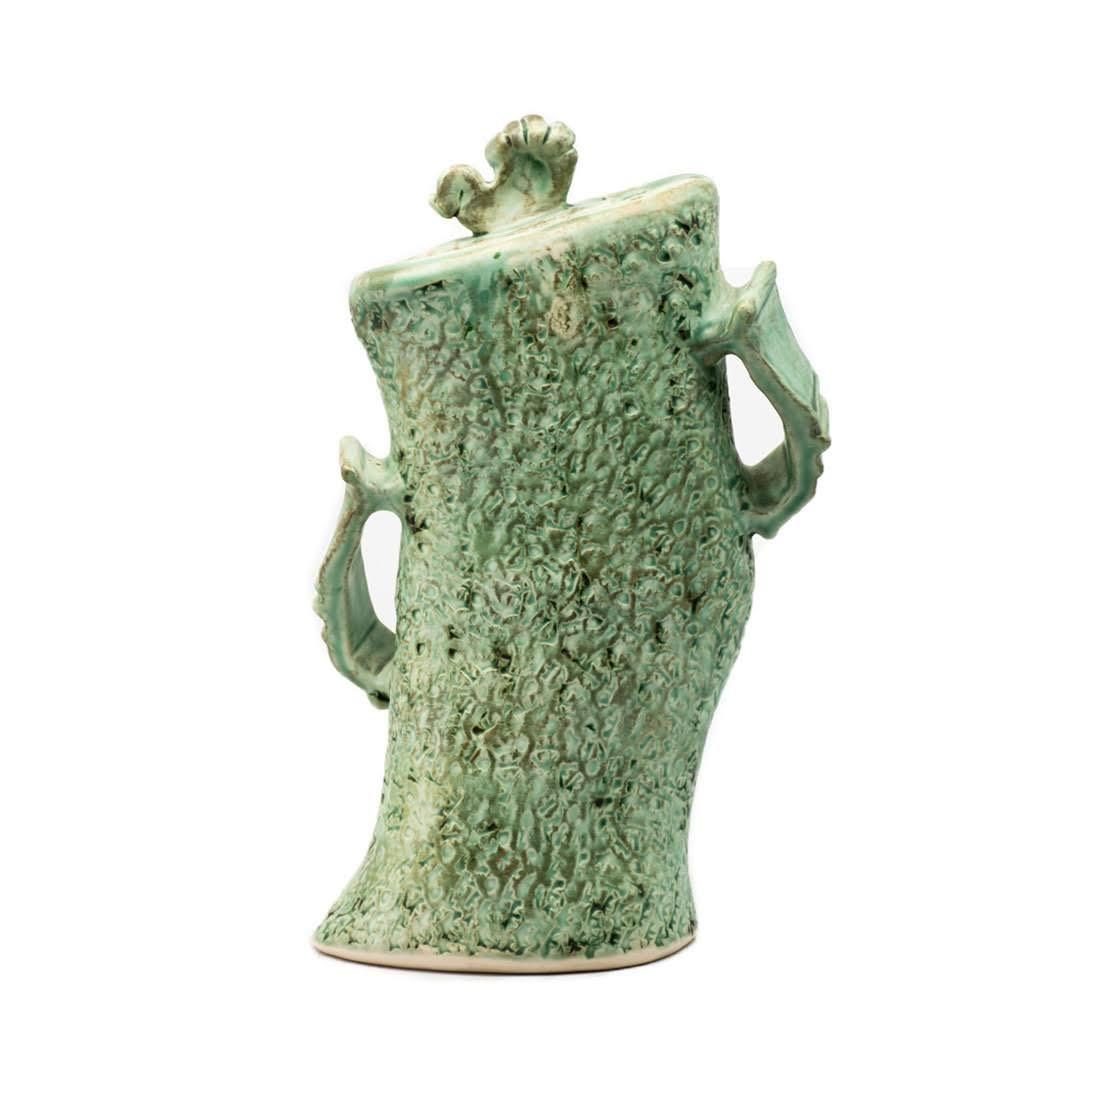 Whimsical Green Art Pottery Lidded Vase